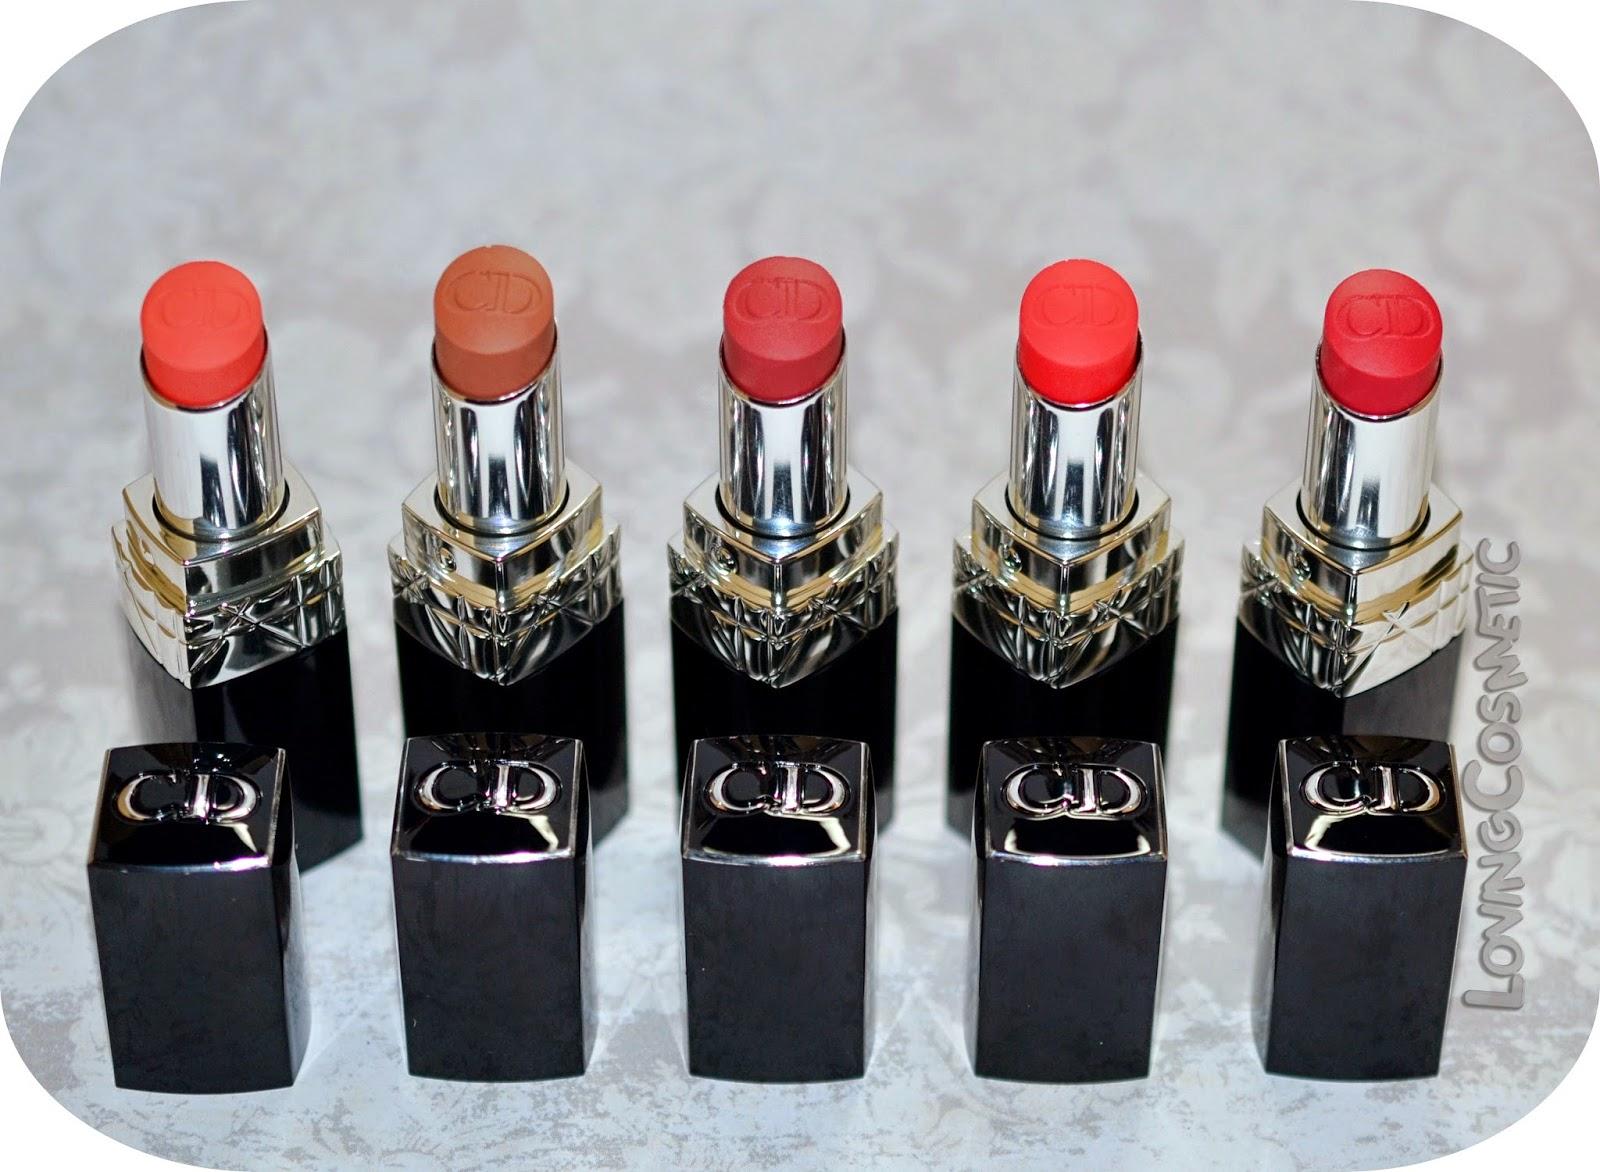 Kingdom of colors dior coleccion primavera 2015 rouge baume